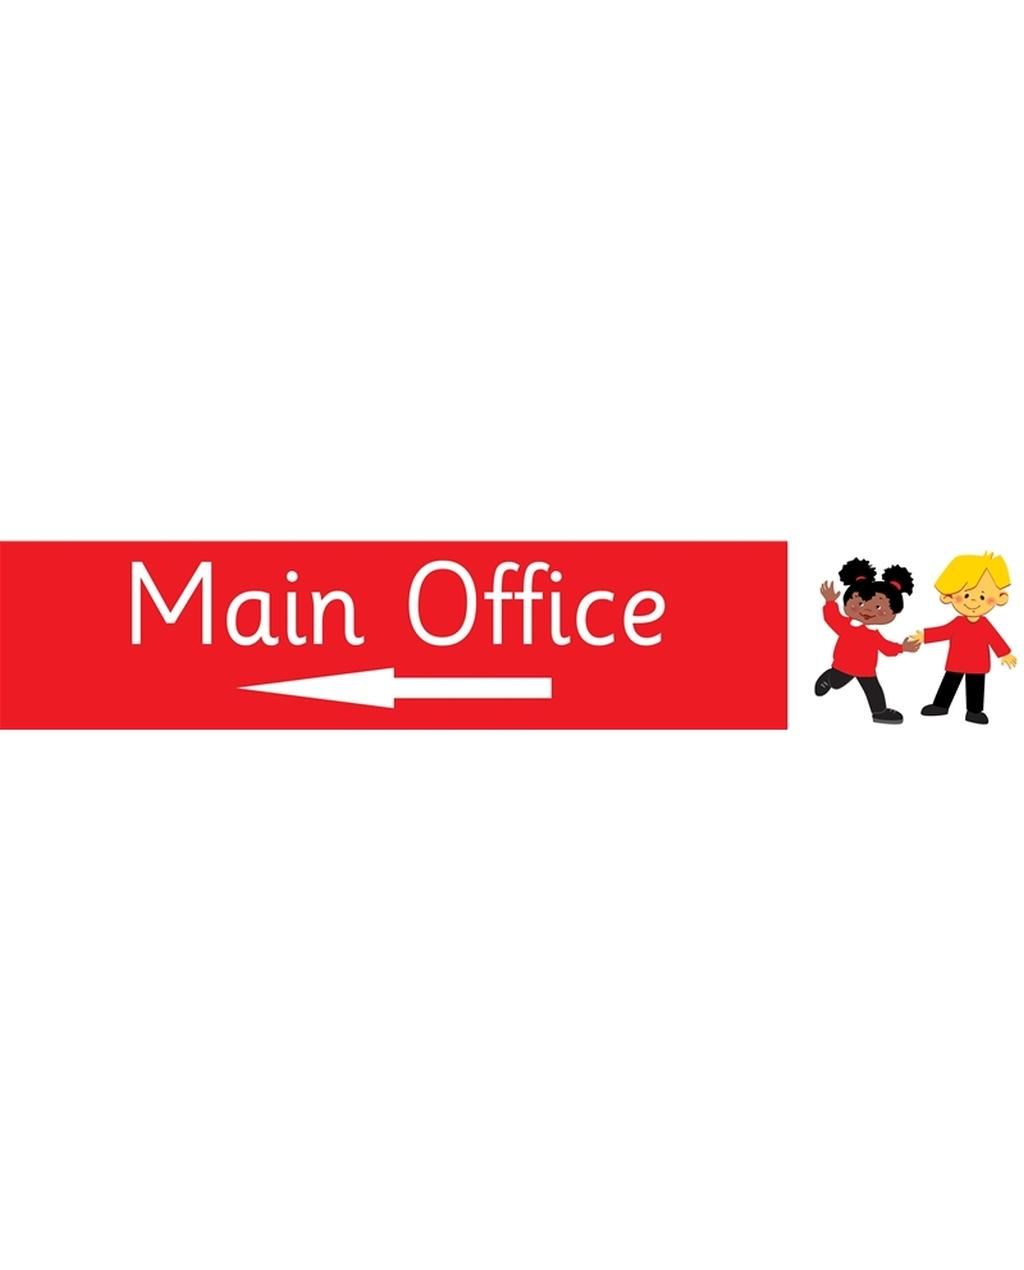 Main Office Left Arrow Sign Royal Blue